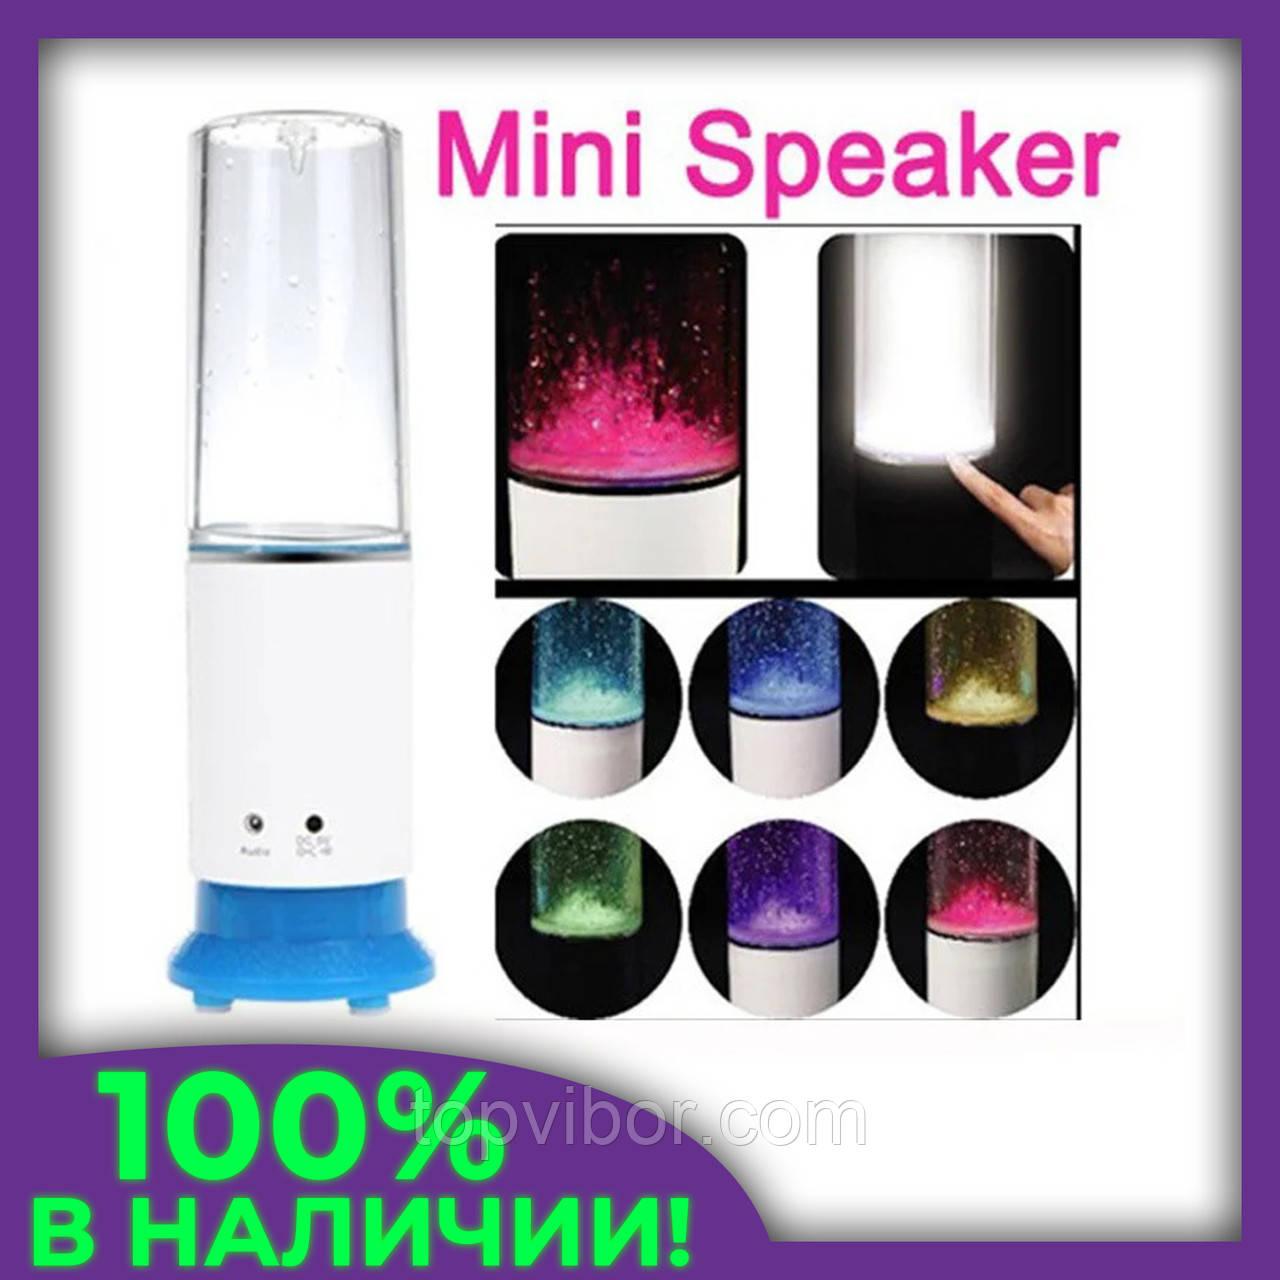 Настольная светящаяся юсб лампа-колонка с водой, сенсорный светильник Speaker Table Lamp бело-голубой